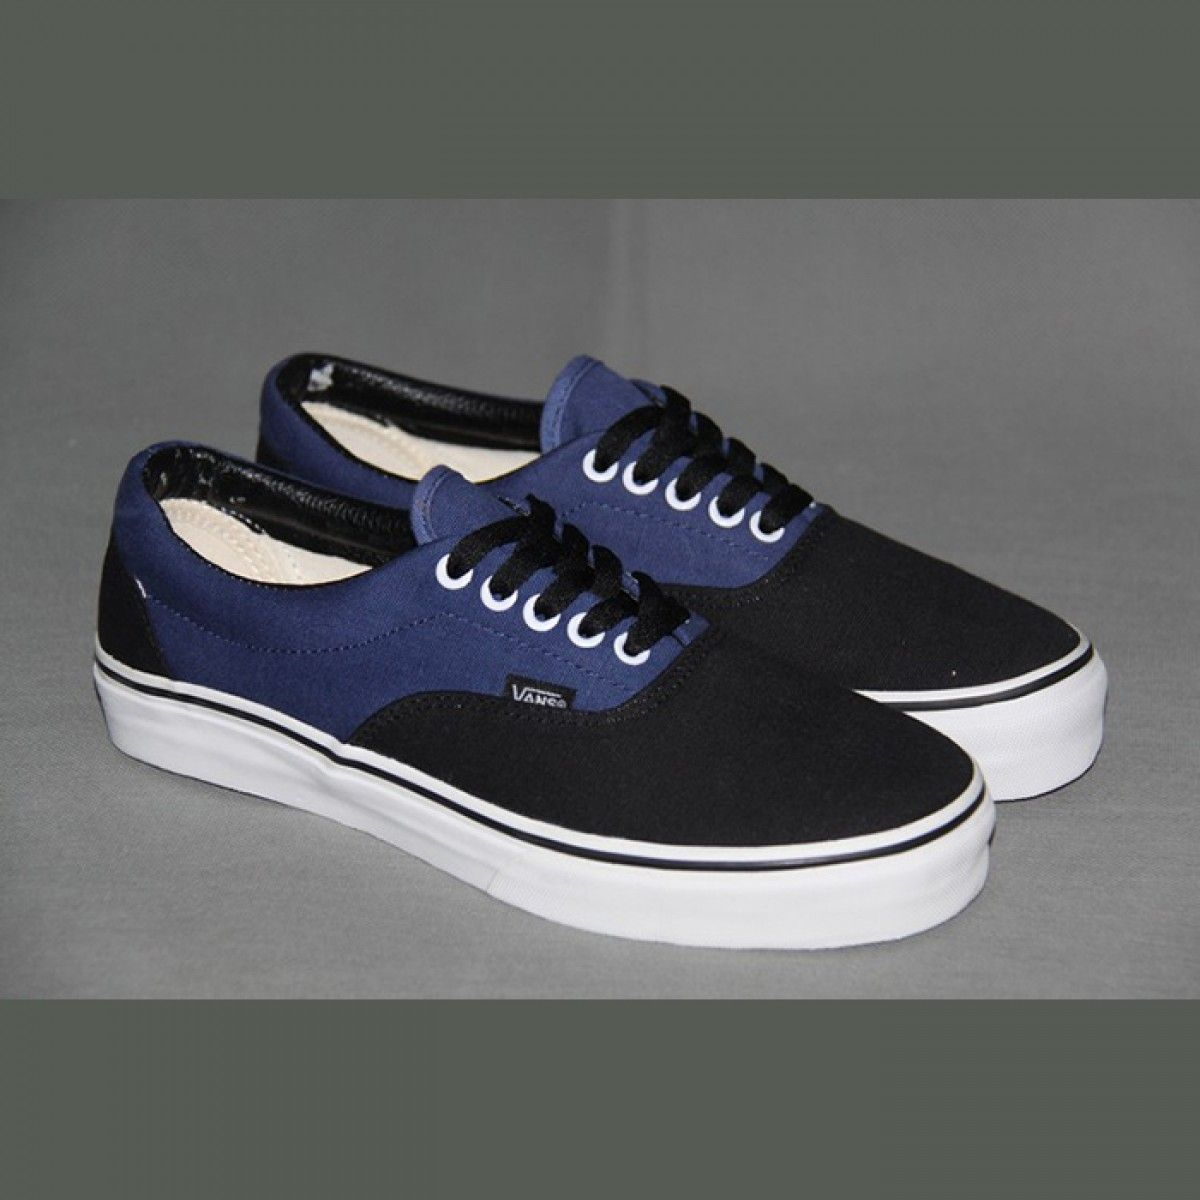 5d0899cdbd Vans Shoes Black Navy Blue Two-Tone Era Shoes Unisex Classic Canvas ...